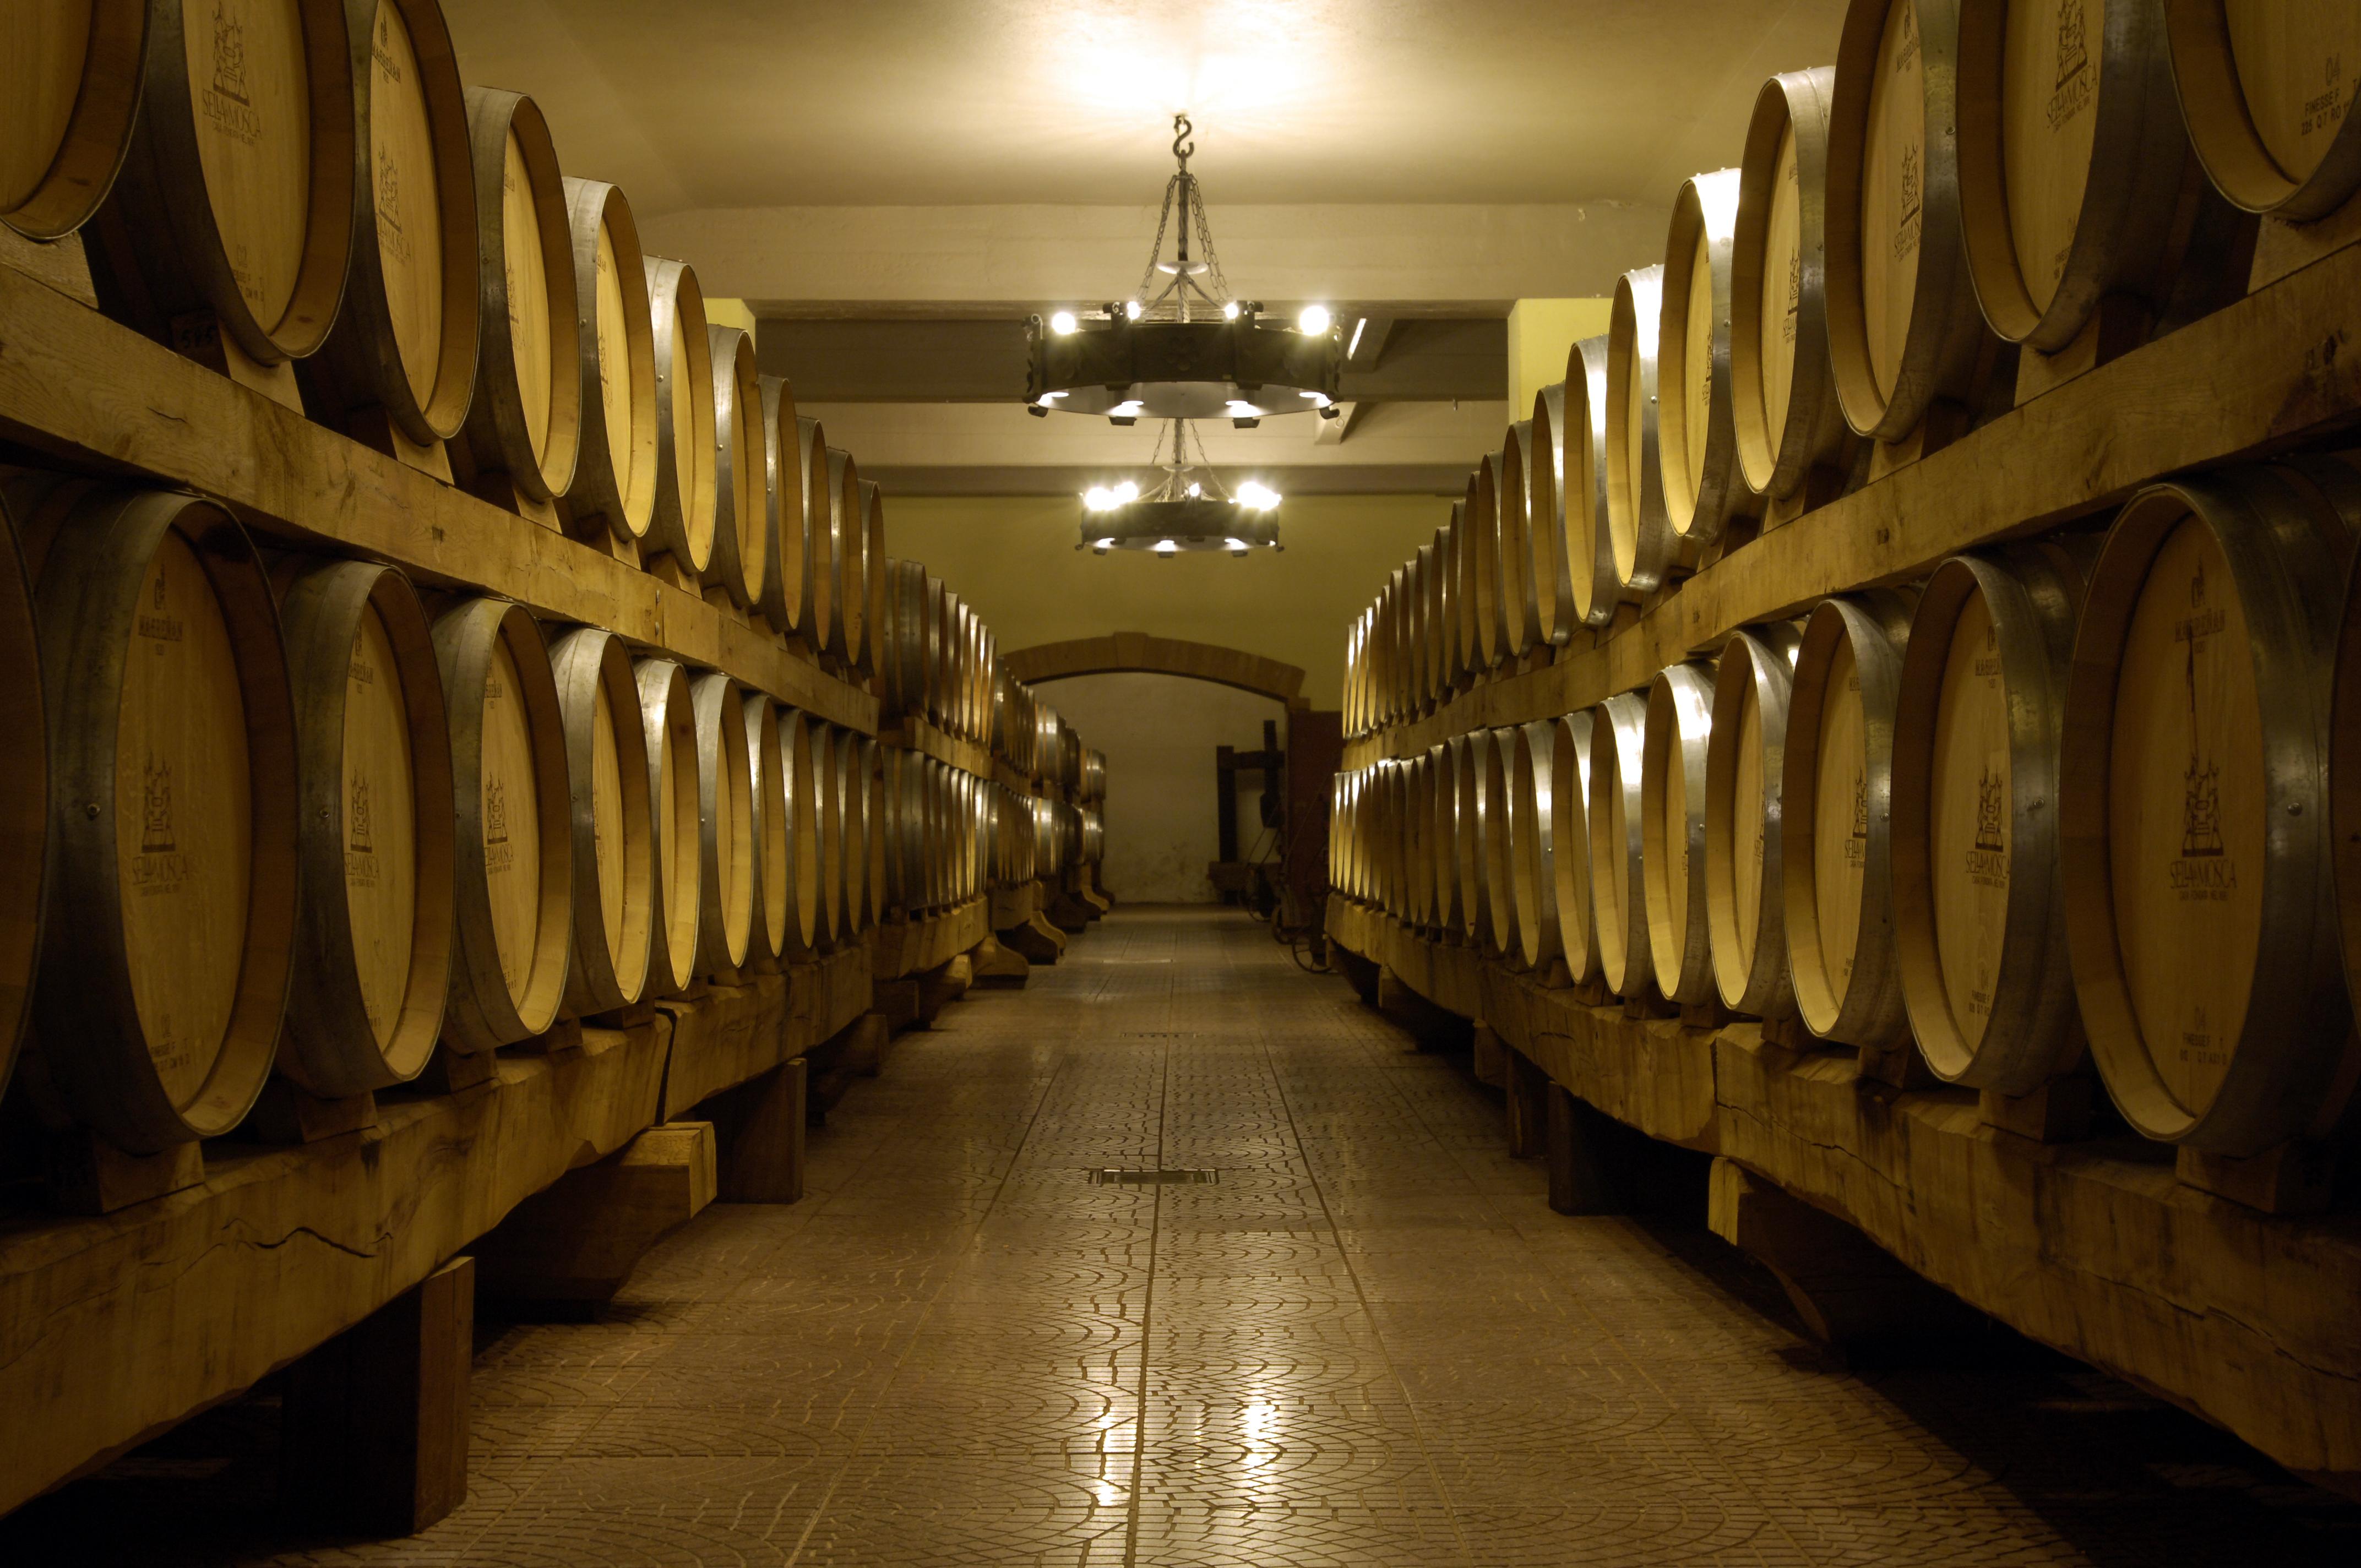 Barrel room – Drinkhacker